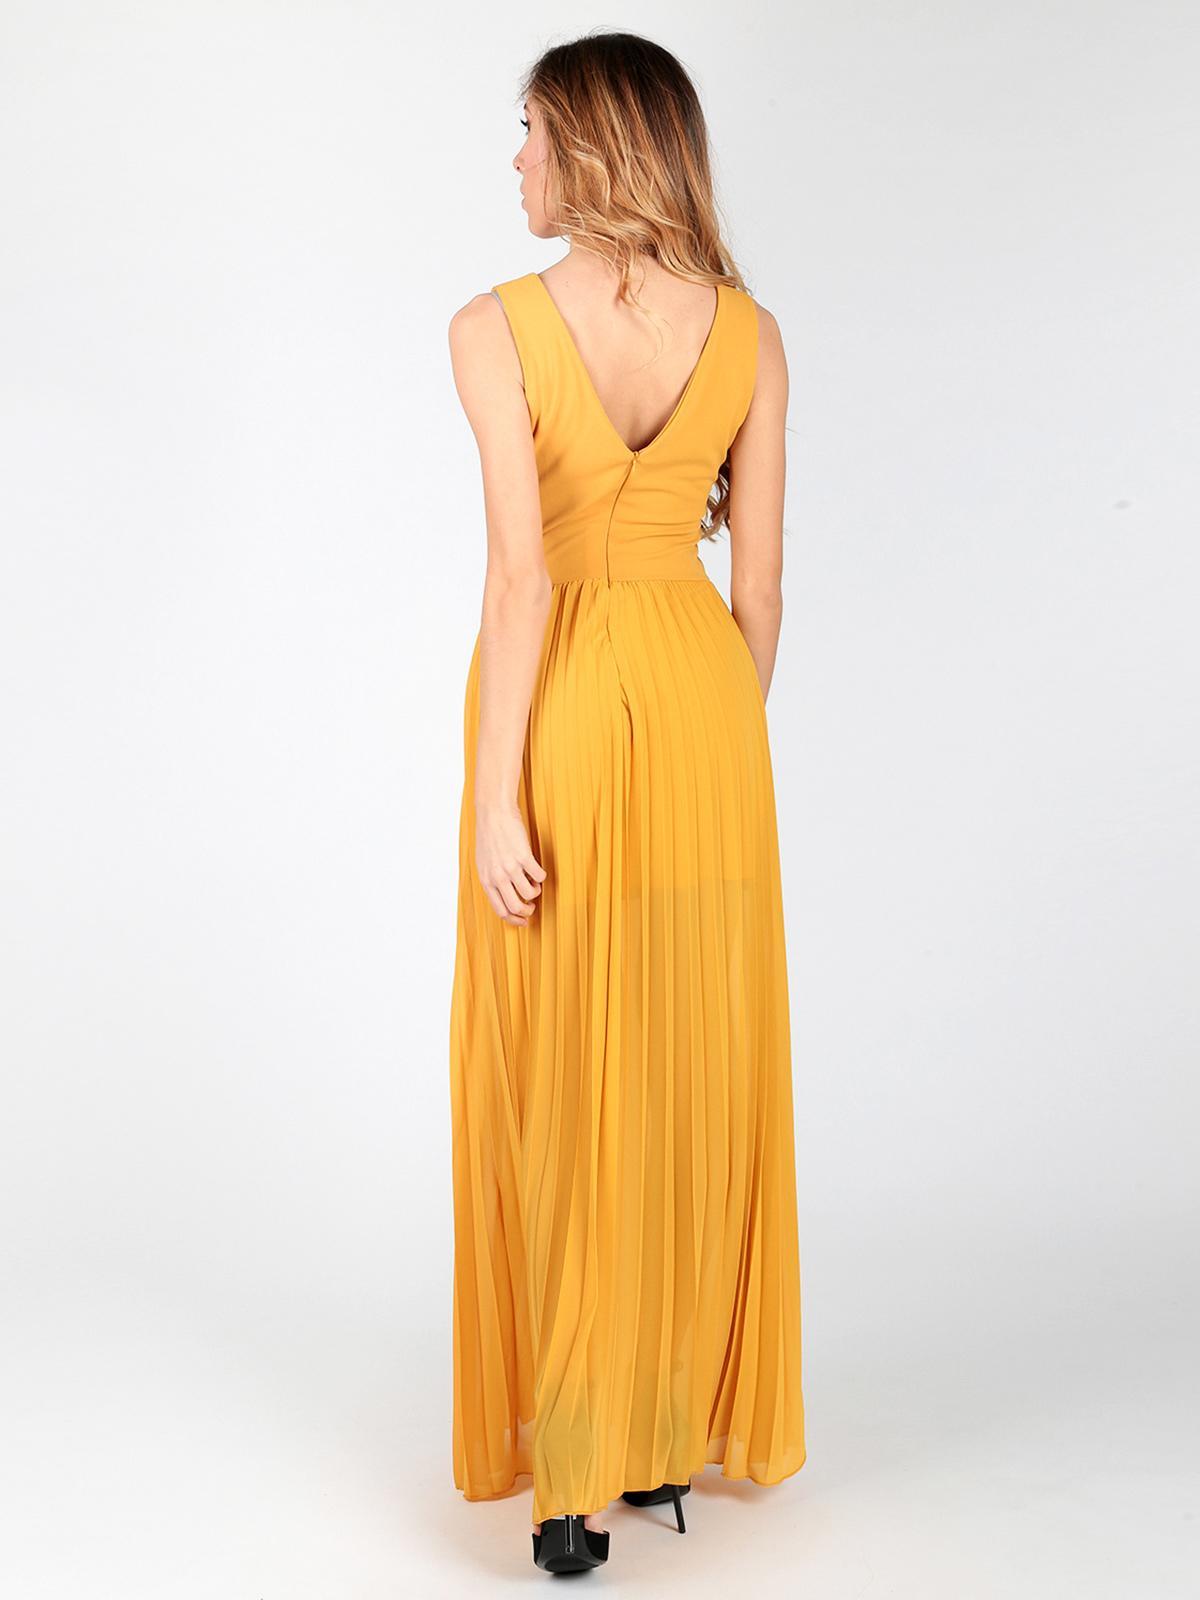 Elegantes Kleid mit langem Rock solada   MecShopping